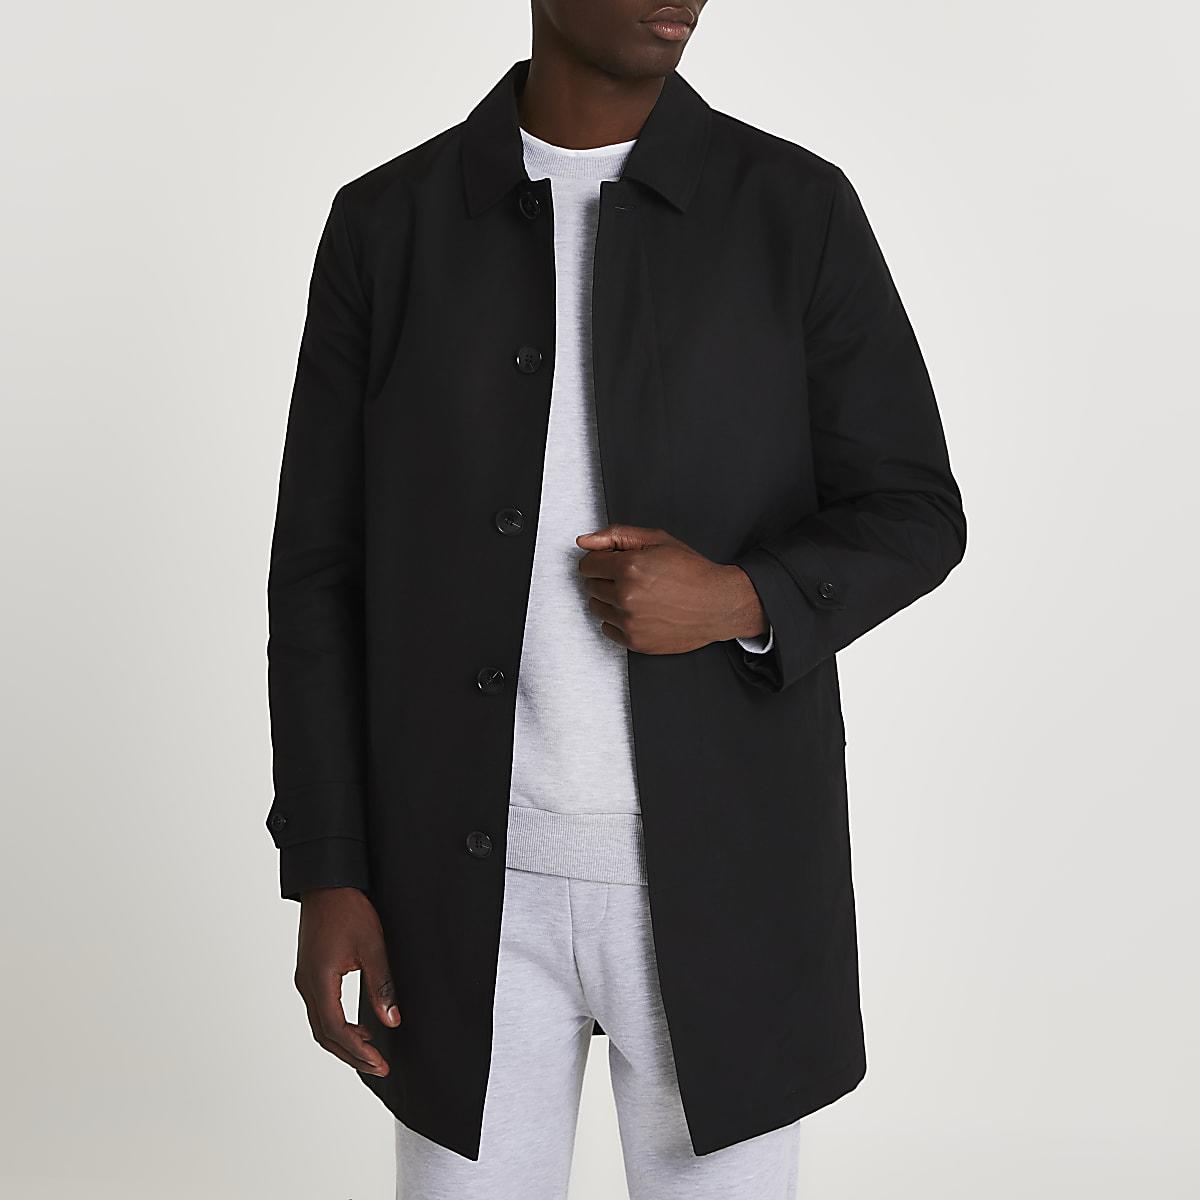 Zwarte overjas met verborgen knopen voor